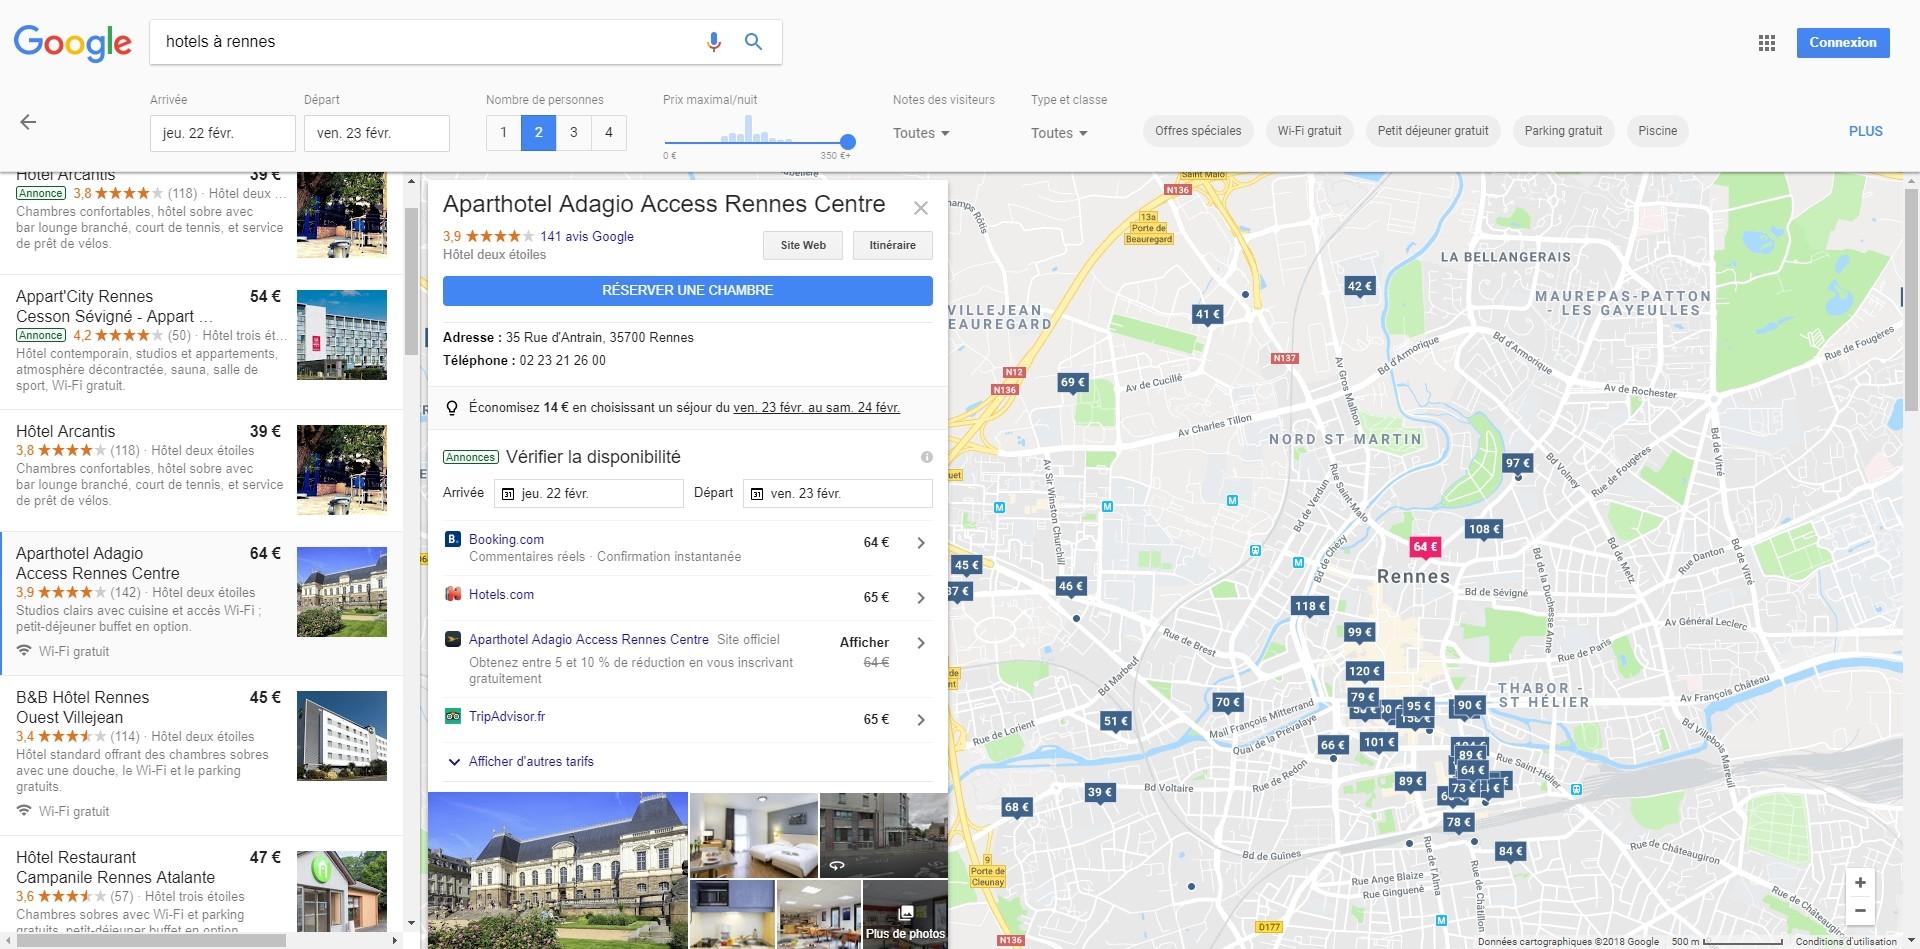 Google veut redevenir le moteur de recherche des h tels for Moteur de recherche hotel